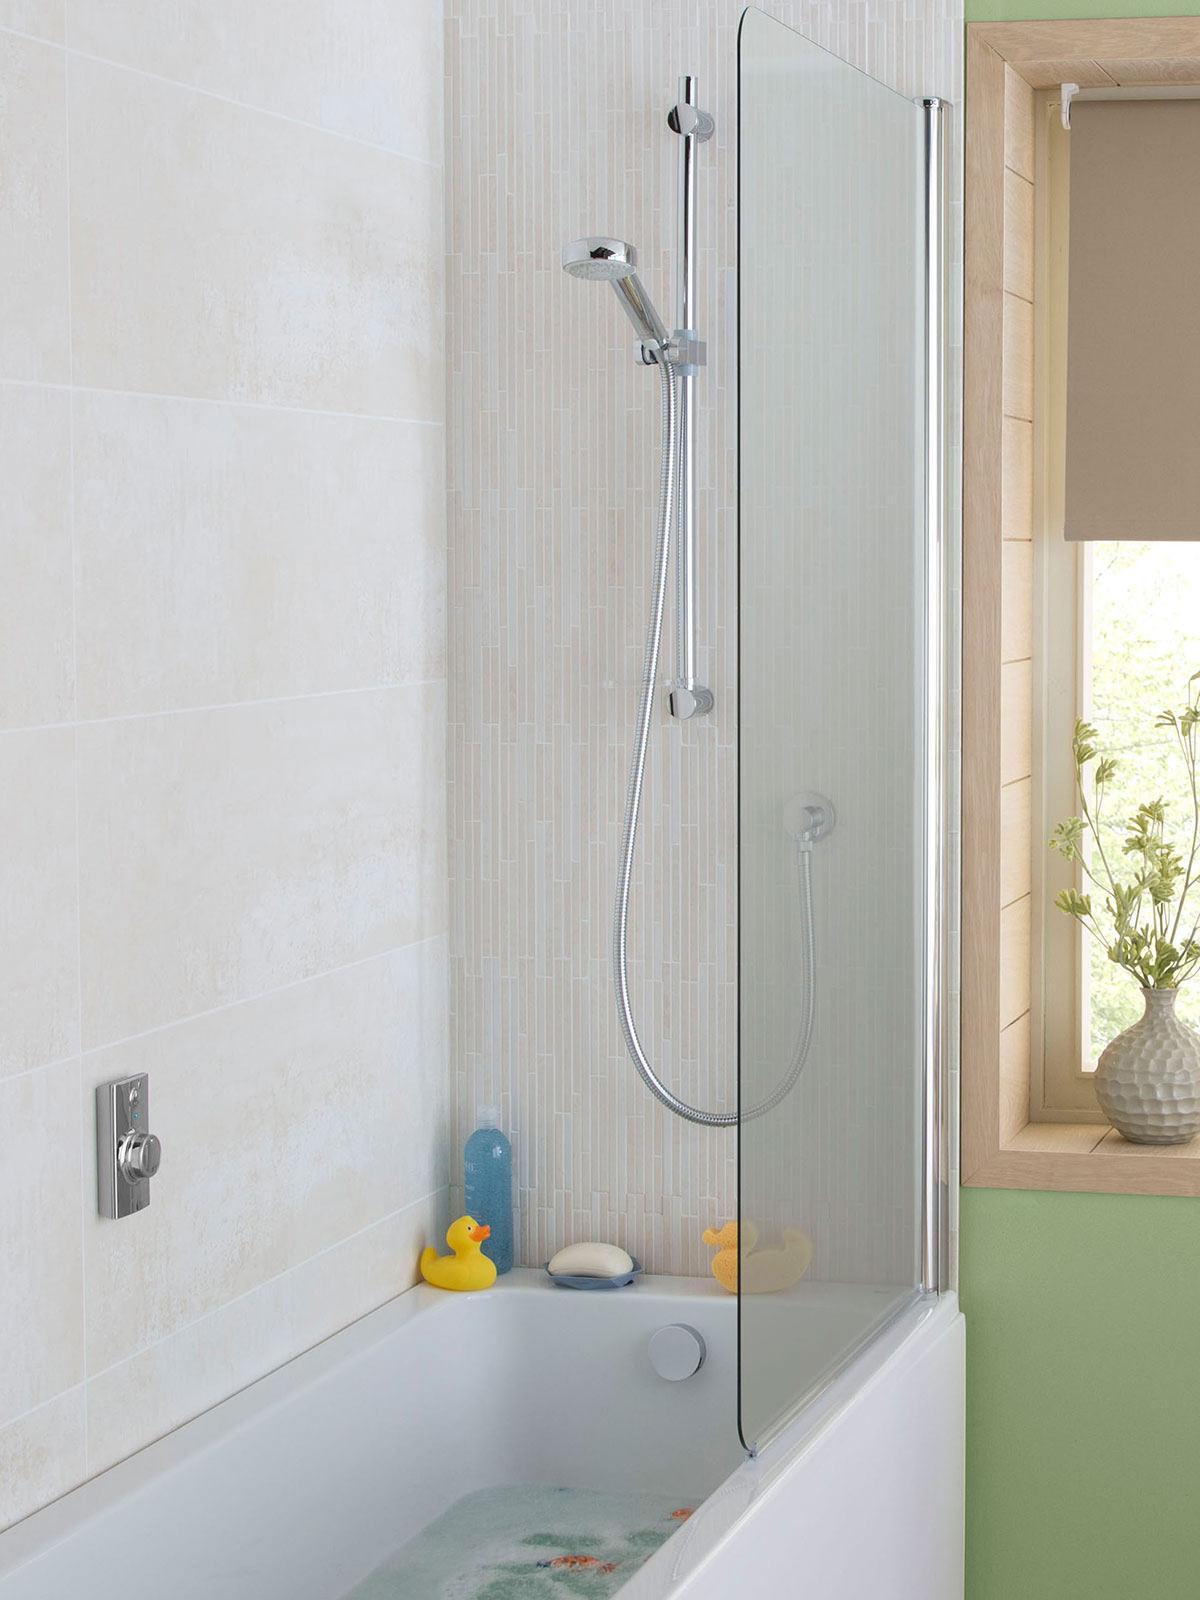 Aqualisa Visage Concealed Digital Divert Shower And Bath